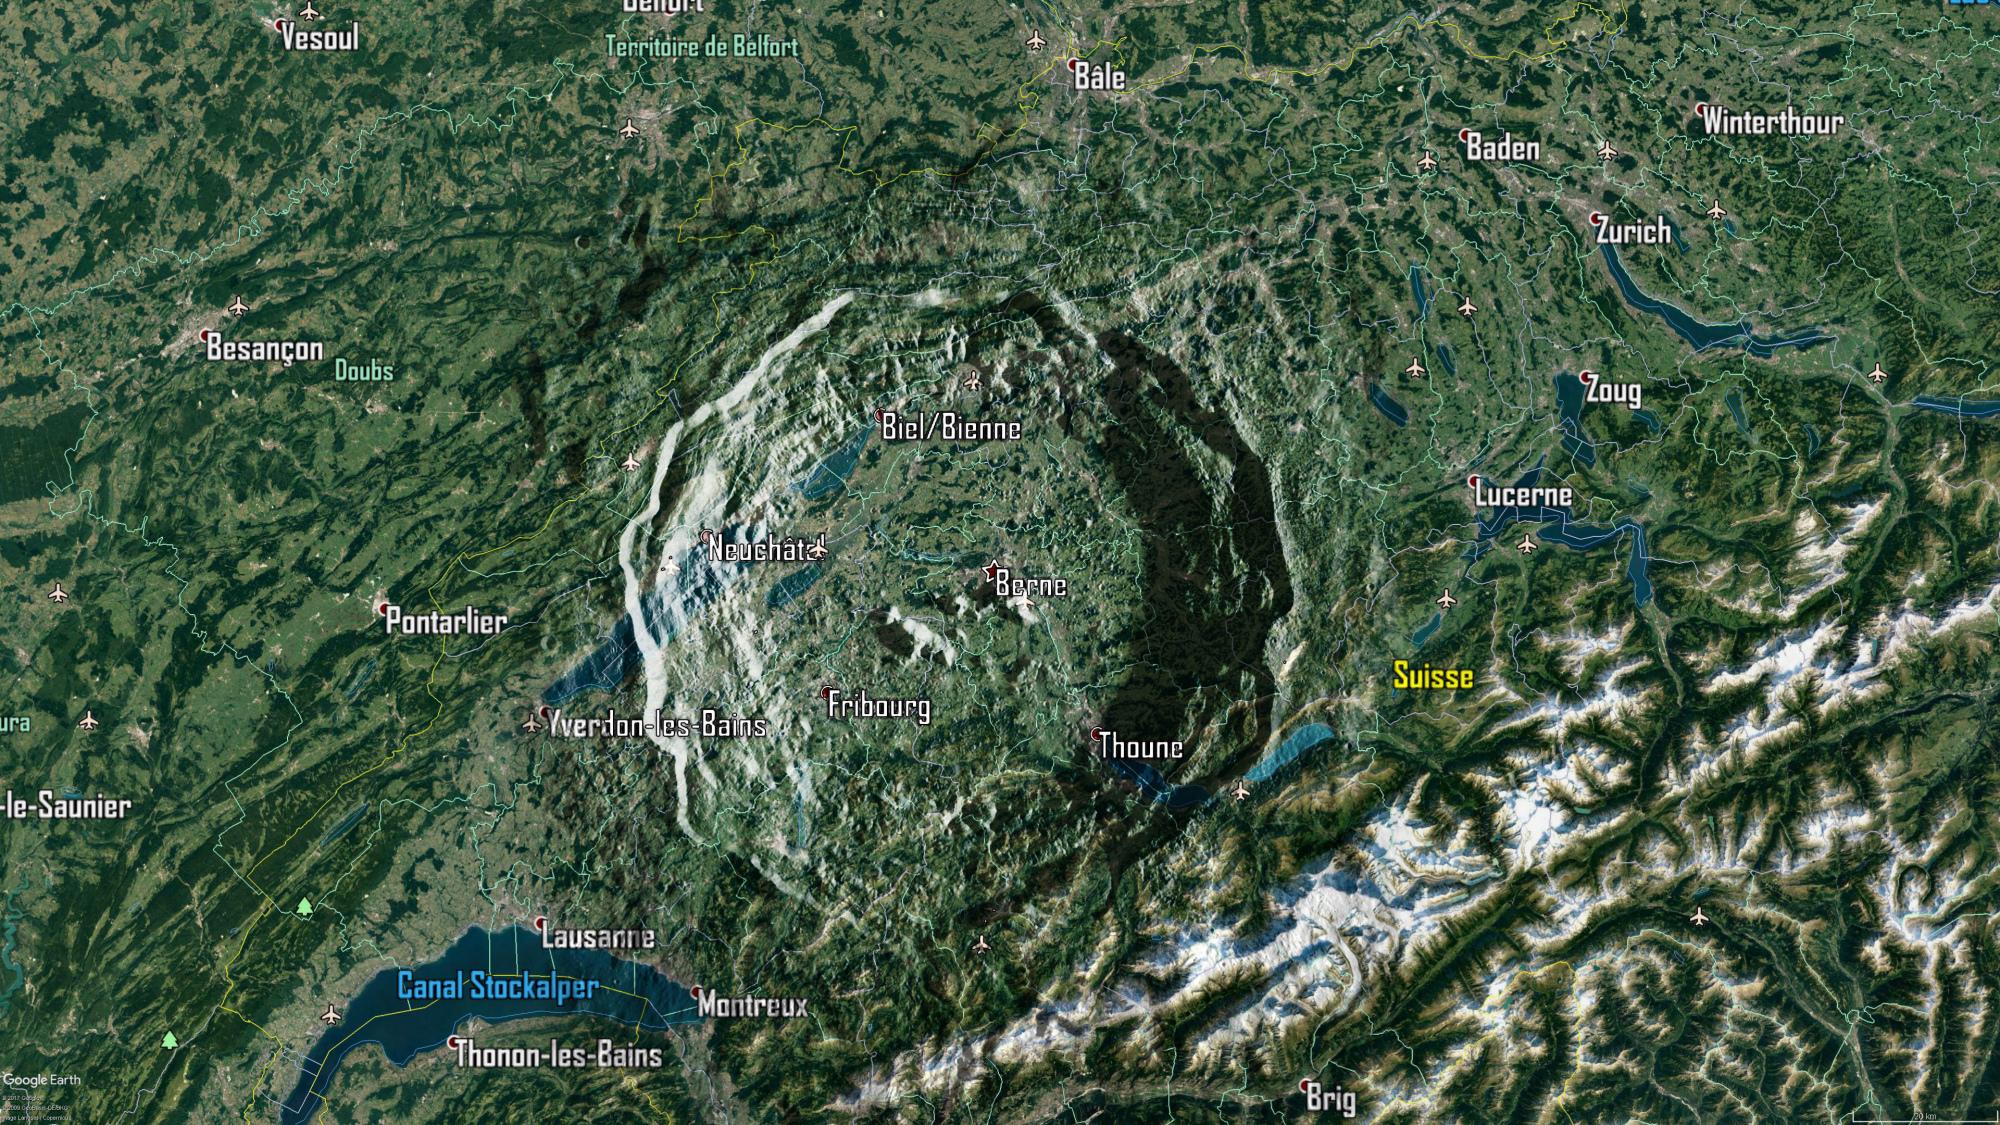 Suisse-Berne.jpg